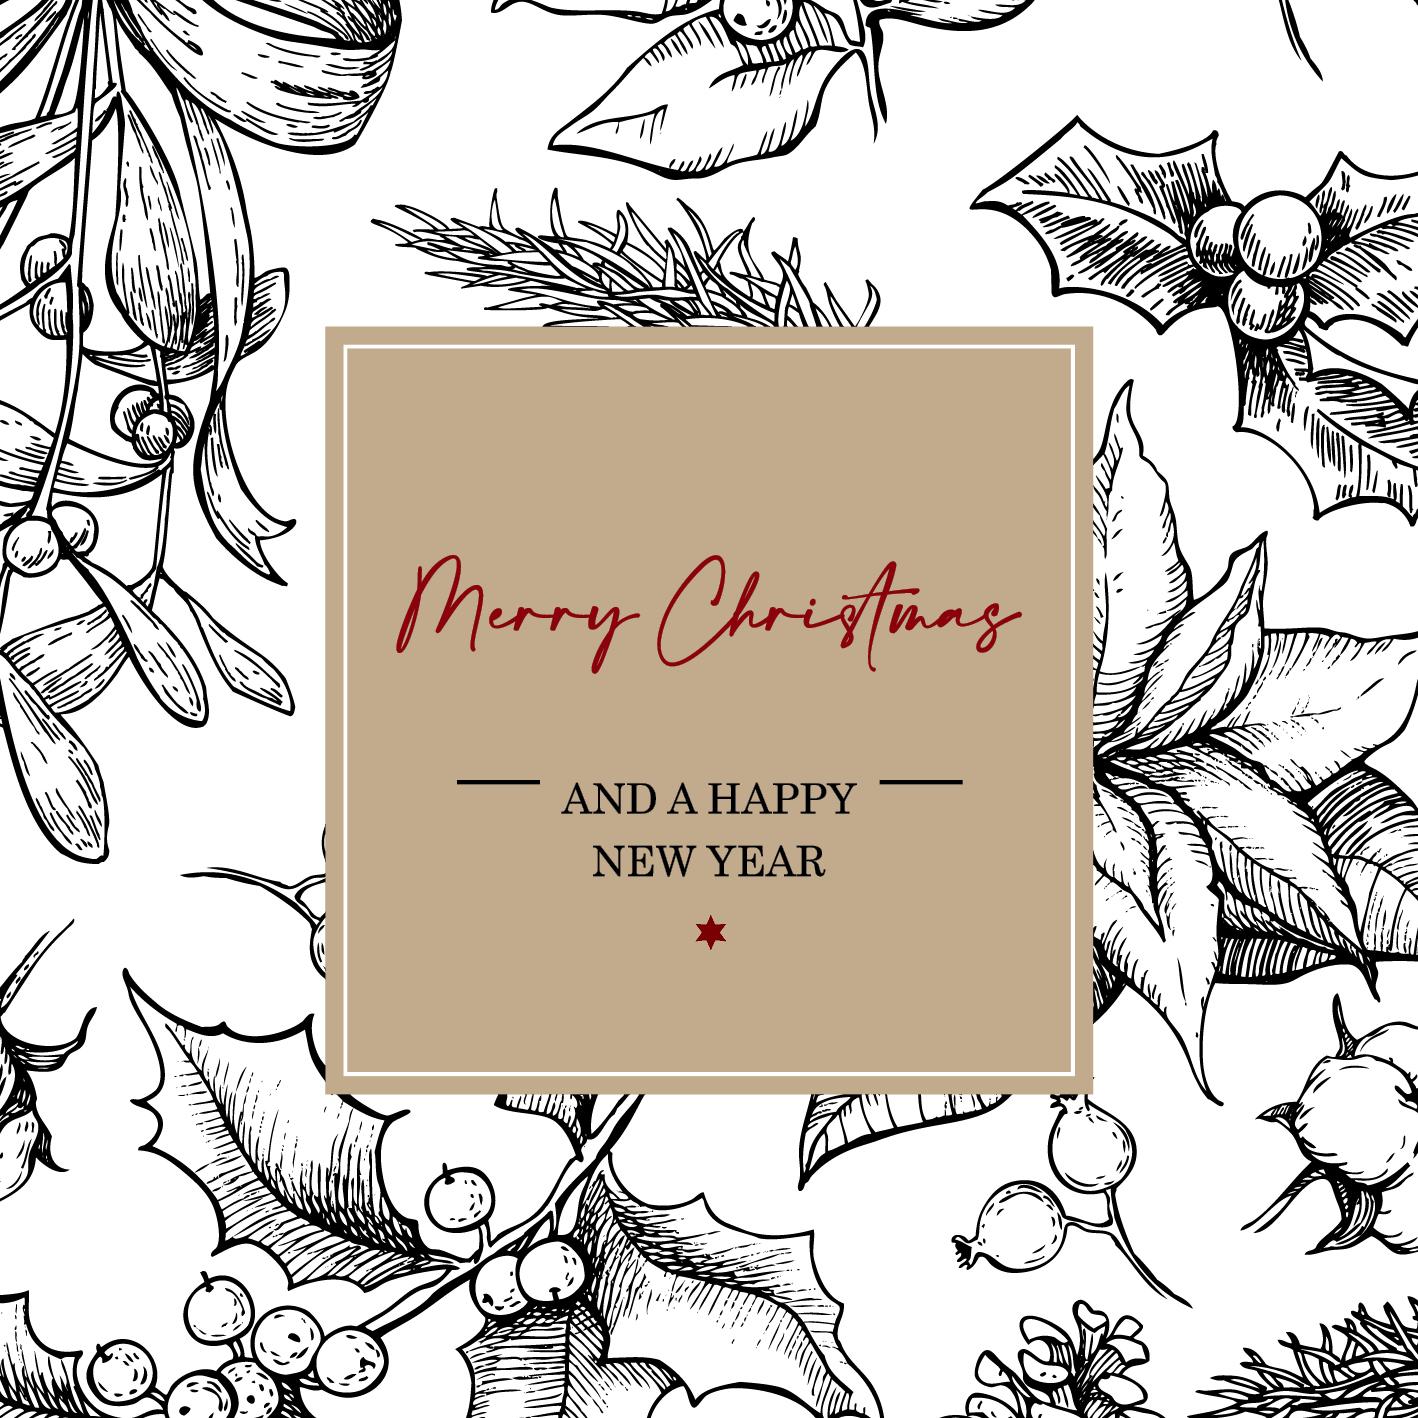 Merry-Christmasj4fzvmmEX85XT